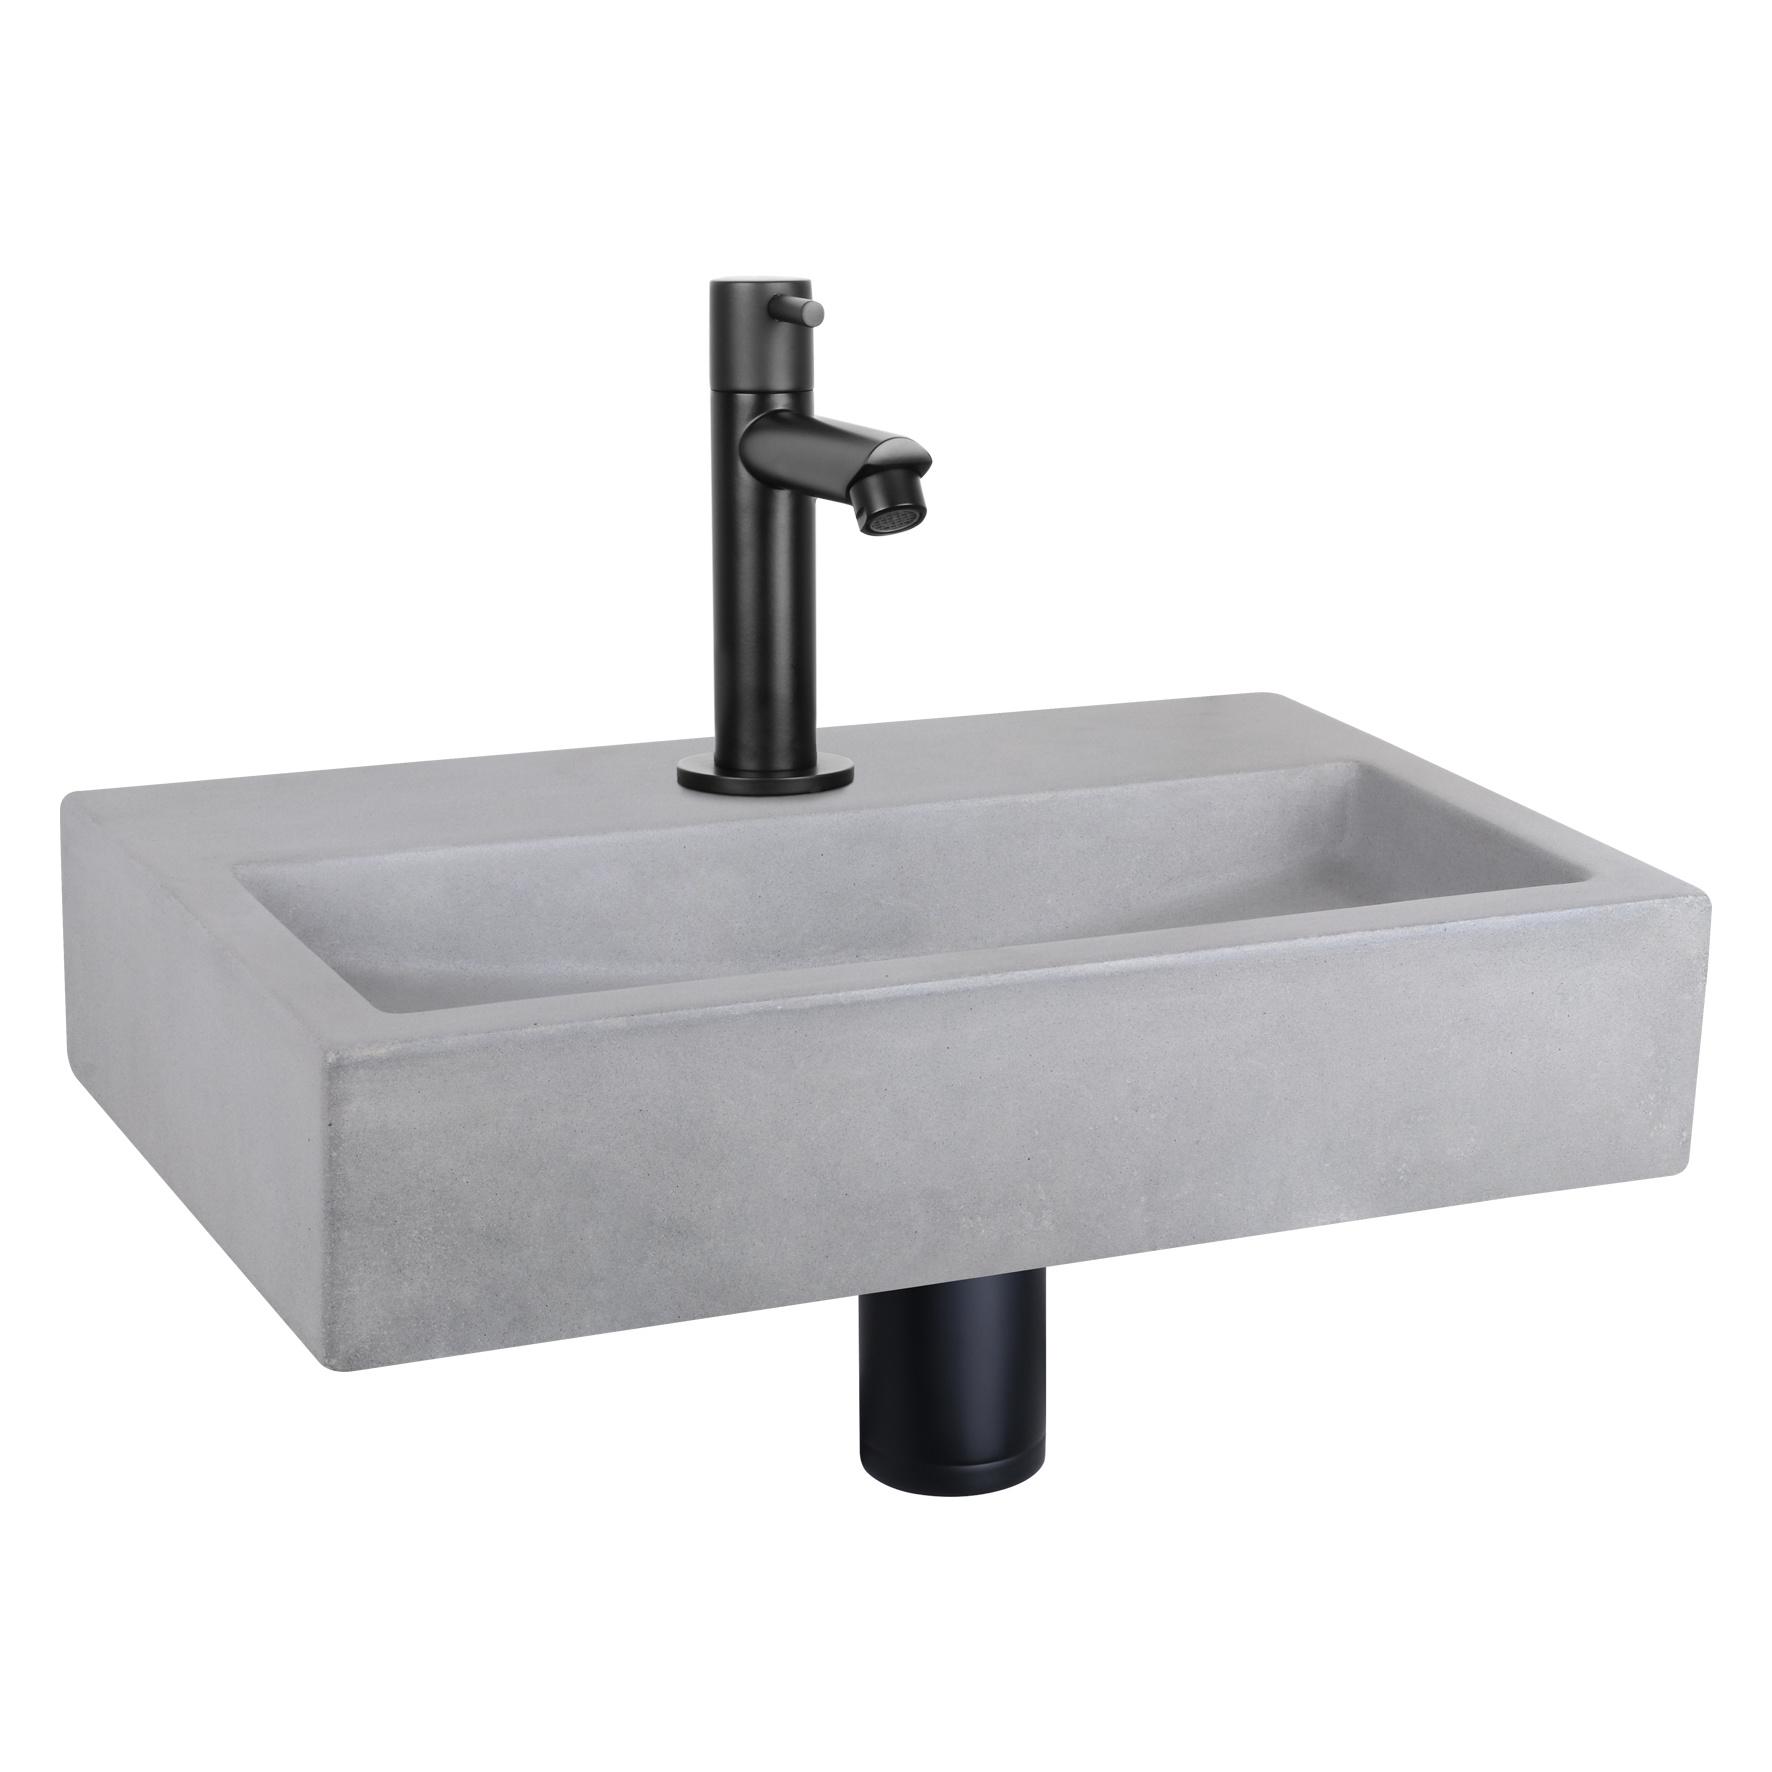 Flat fontein – Beton lichtgrijs 24 x 38 x 8 cm-1